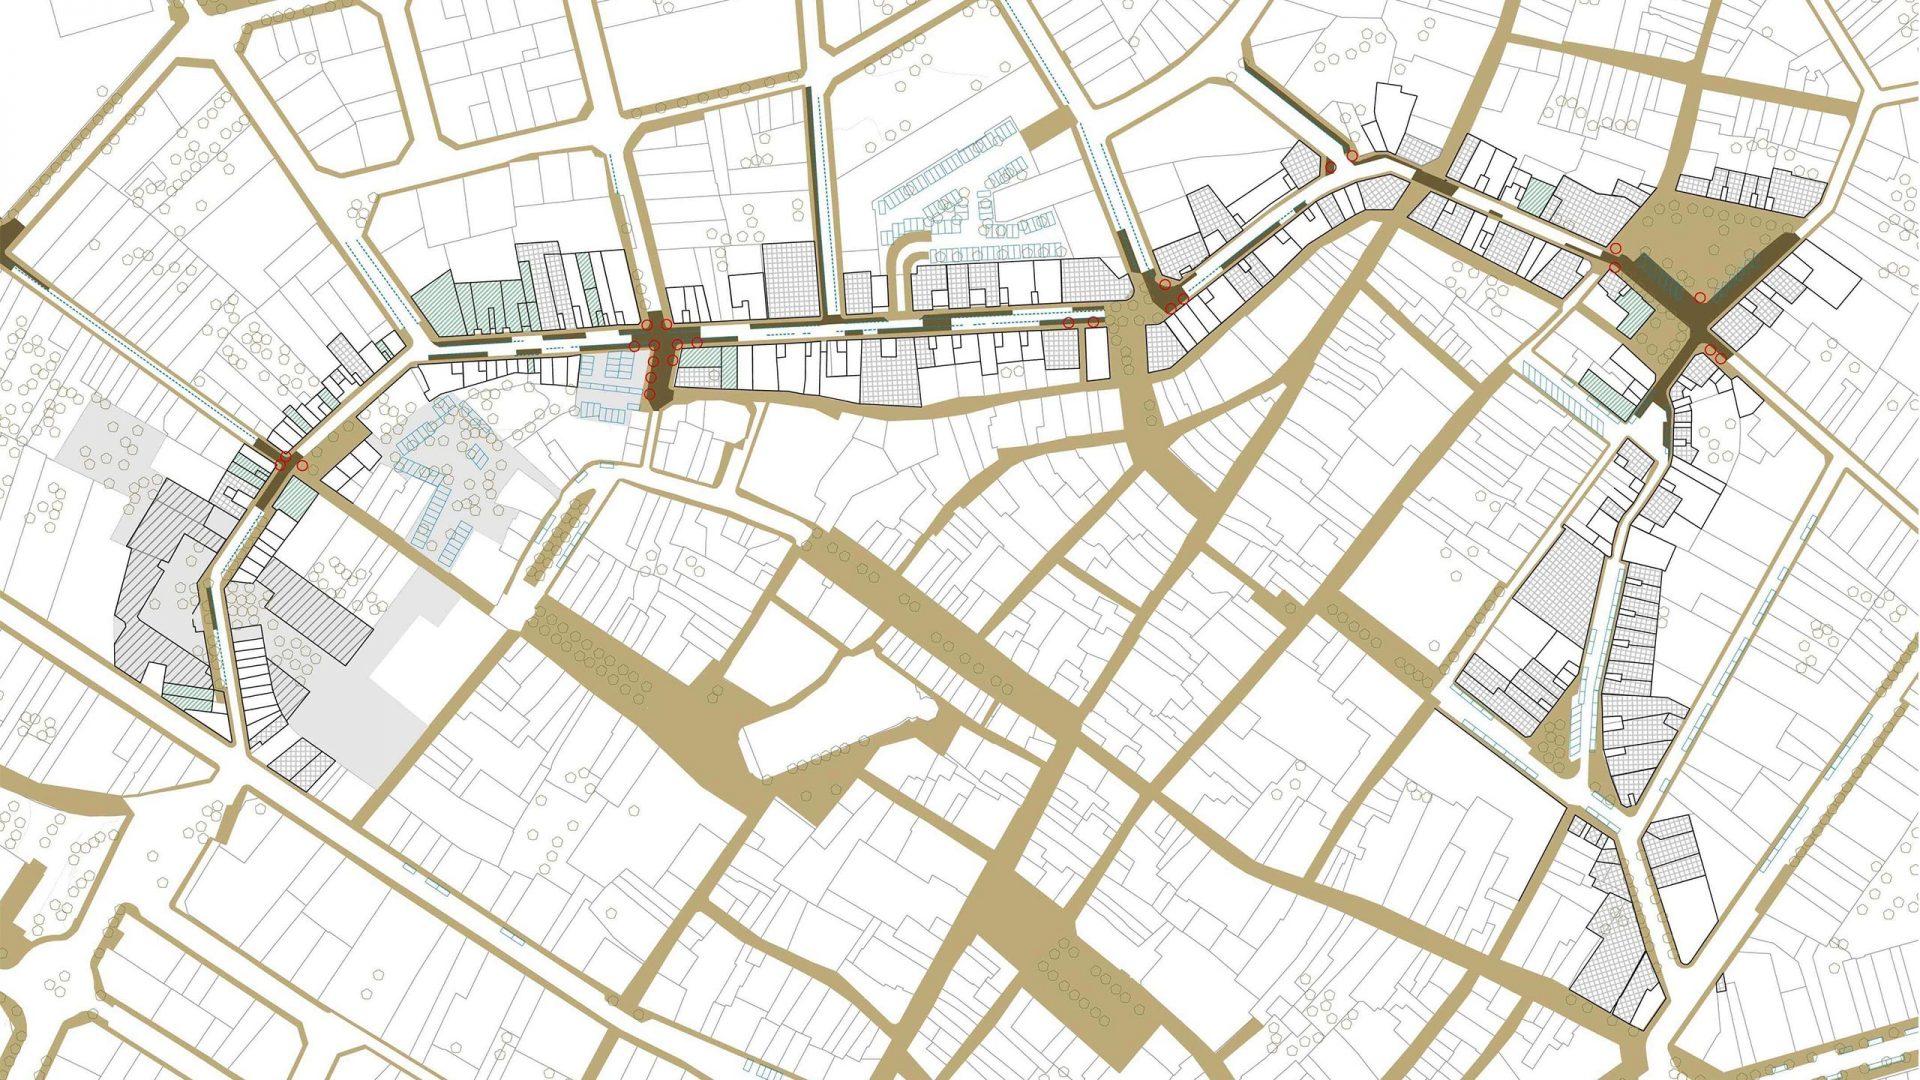 Estratègia projectual 2: millora orientada i seqüencial de la urbanització del perímetre del centre històric.